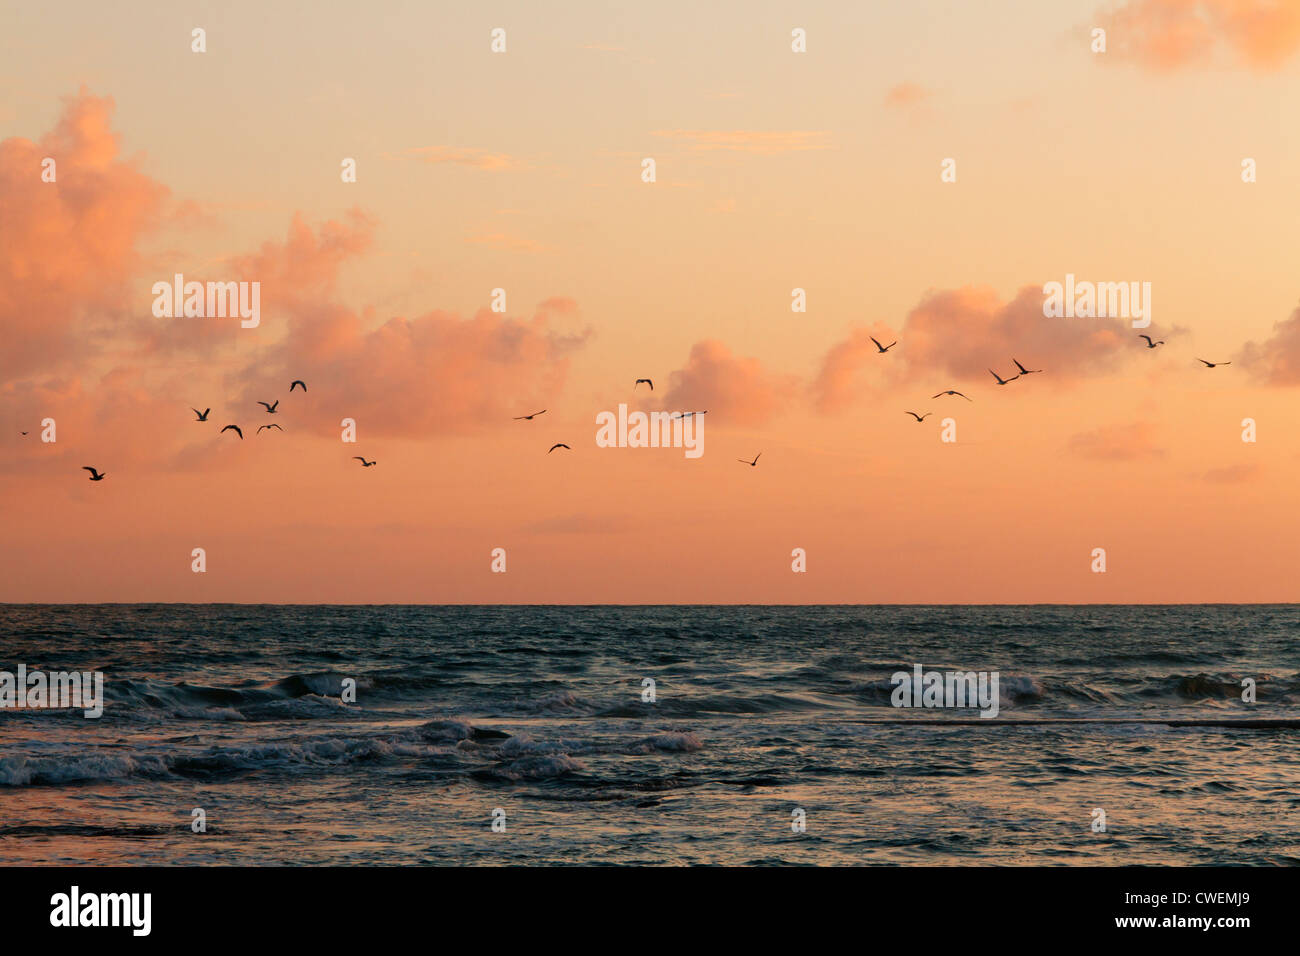 Birds flying over sea at sunset, Les Sables d'Olonne, Pays de la Loire, France. - Stock Image